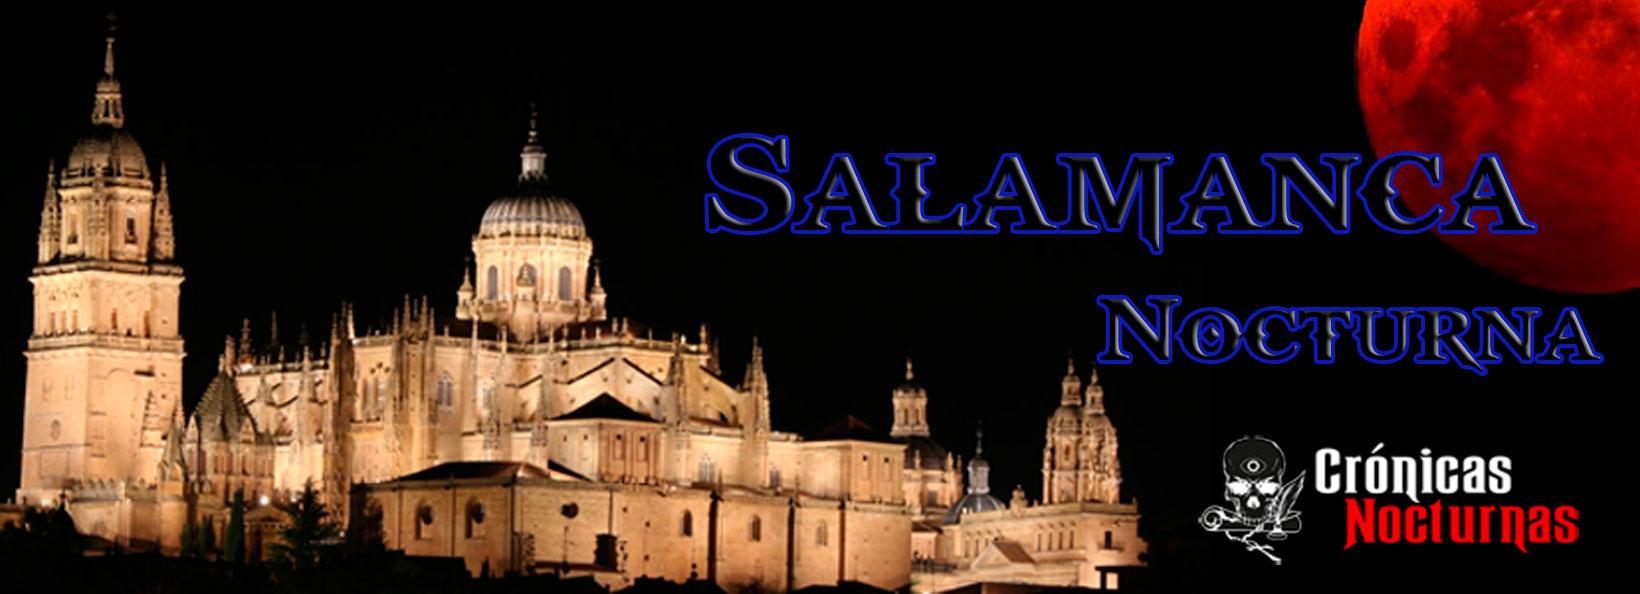 Salamanca Nocturna - Crónicas Nocturnas